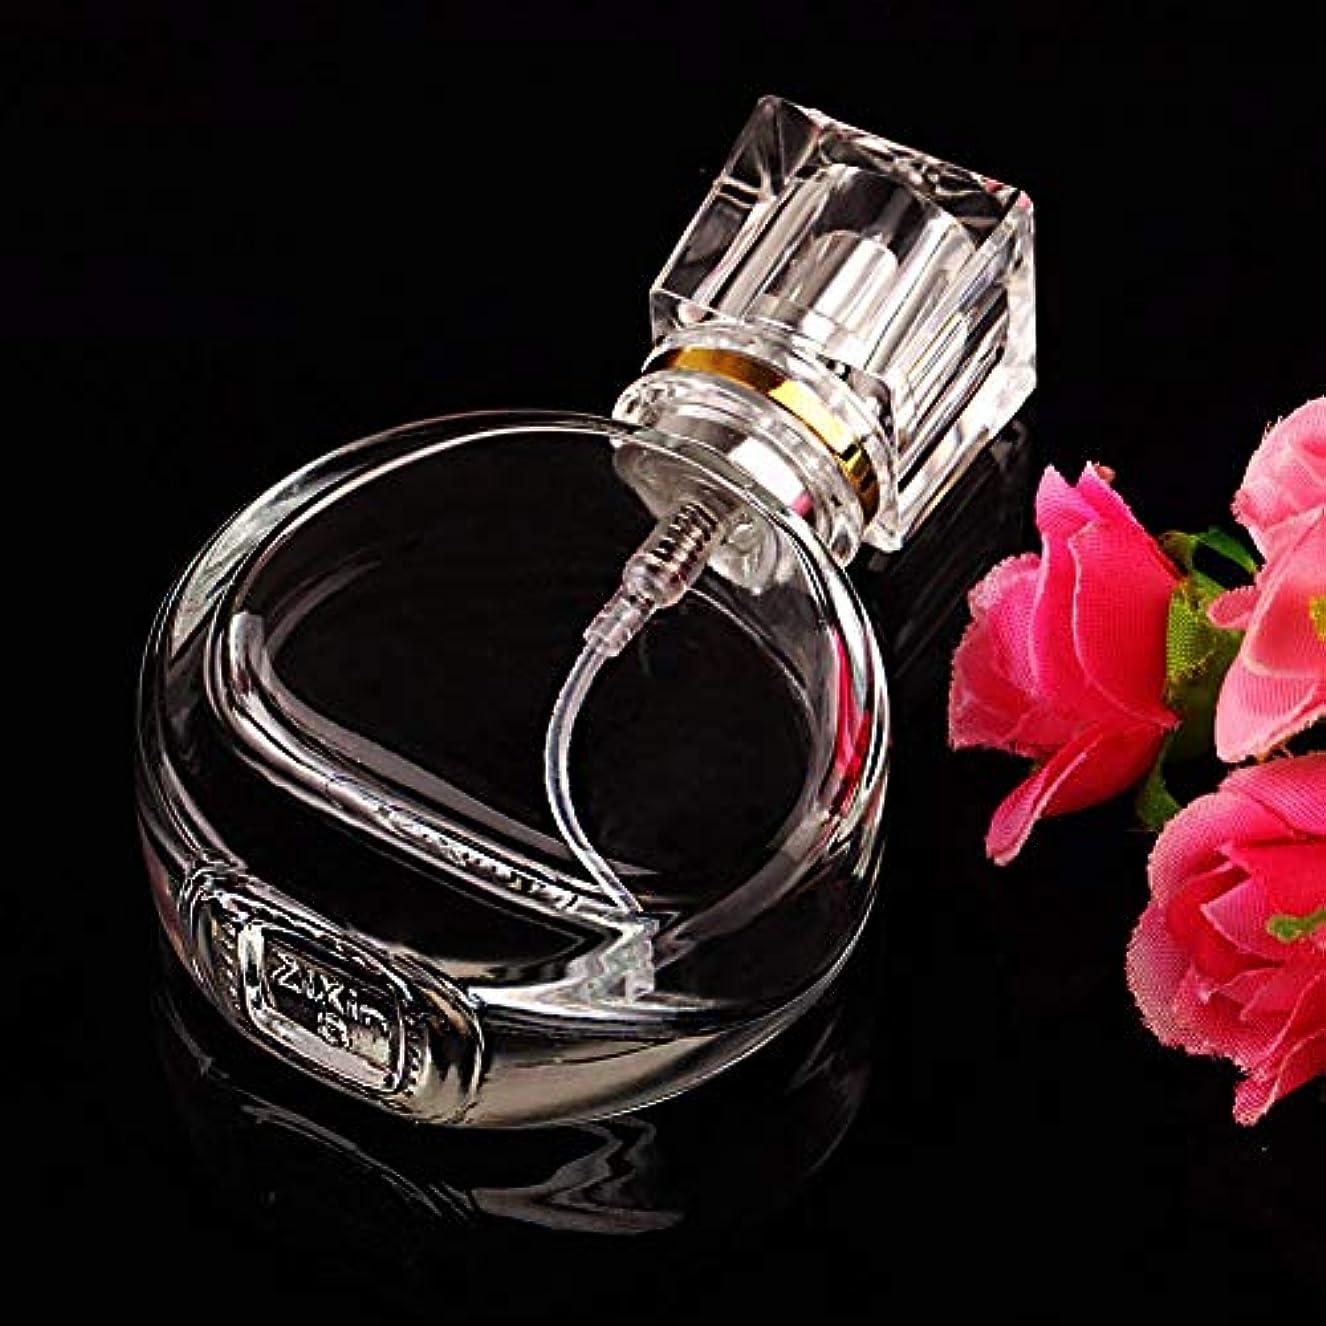 ブロンズ影響する限られたVERY100 高品質ガラスボトル 香水瓶  アトマイザー  25ML 透明 シンプルデザイン ホーム飾り 装飾雑貨